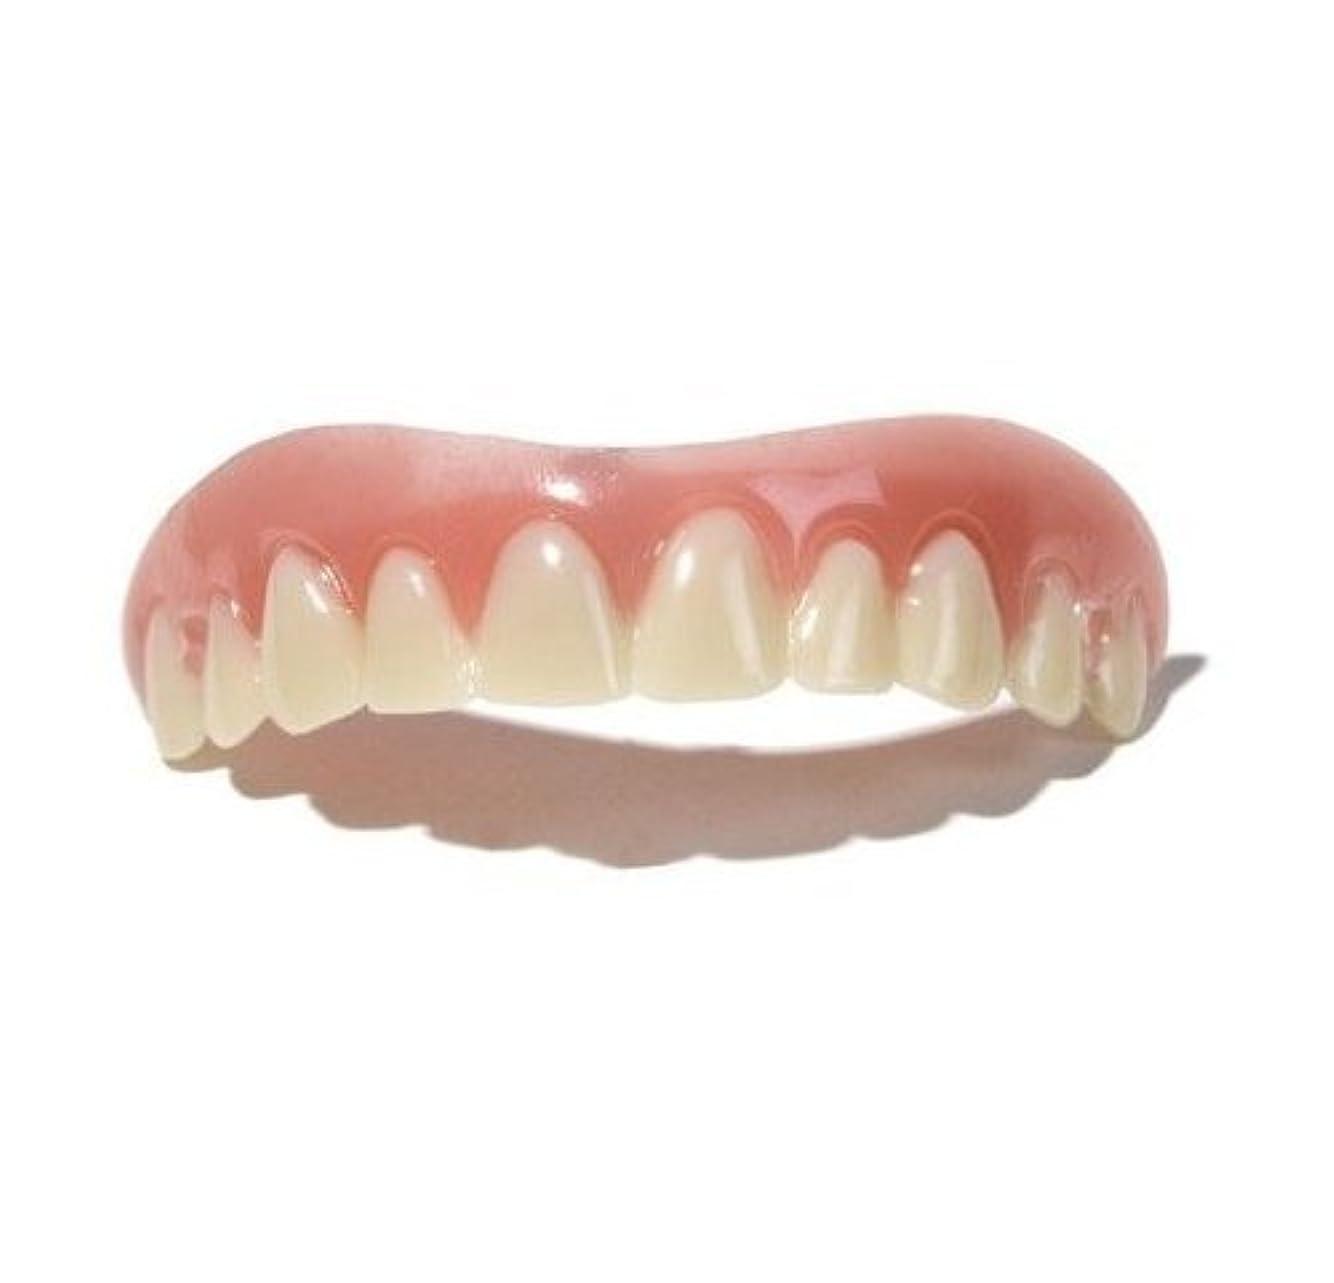 墓裁判所びんインスタント 美容 つけ歯 上歯(free size (Medium)) [並行輸入品]